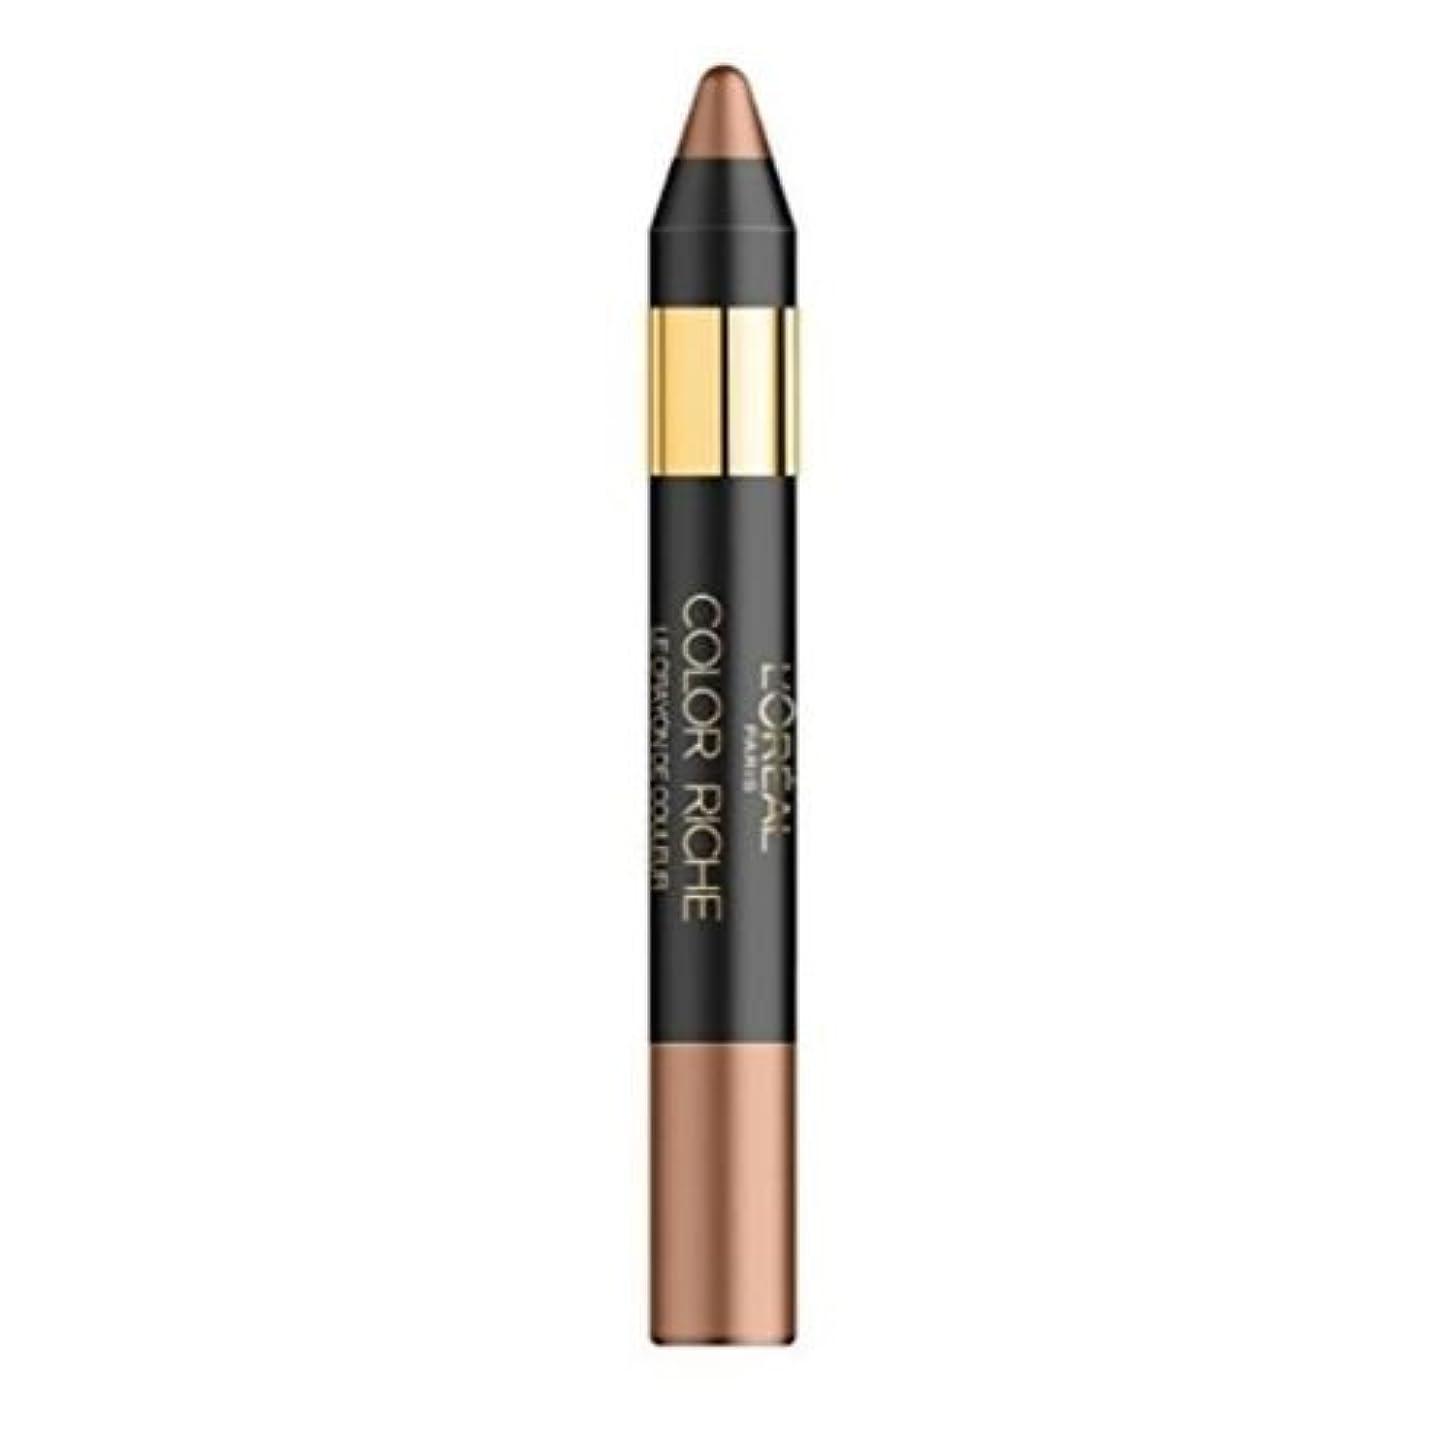 ガジュマル好む変装Loreal Color Riche Eye Color Eyeliner Shadow Pencil Smoky Taupe 03